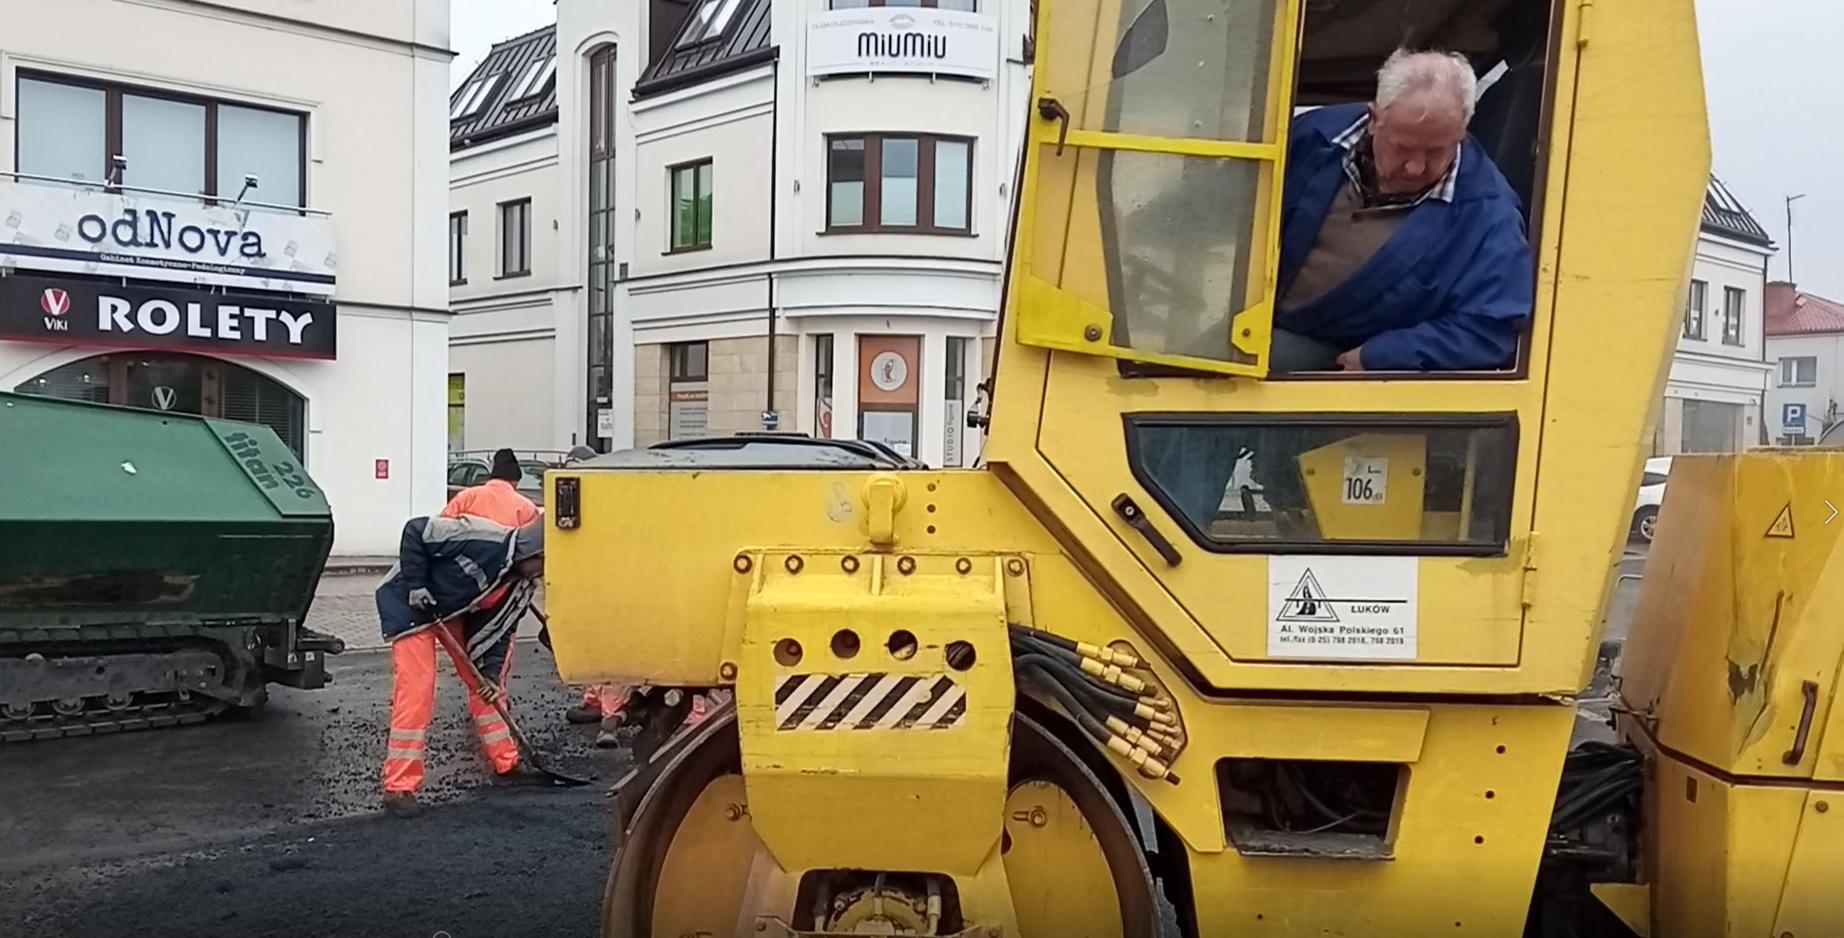 ŁUKÓW. Kończą się remonty ulic w centrum. Czeka Objazdowa (WIDEO) - Zdjęcie główne